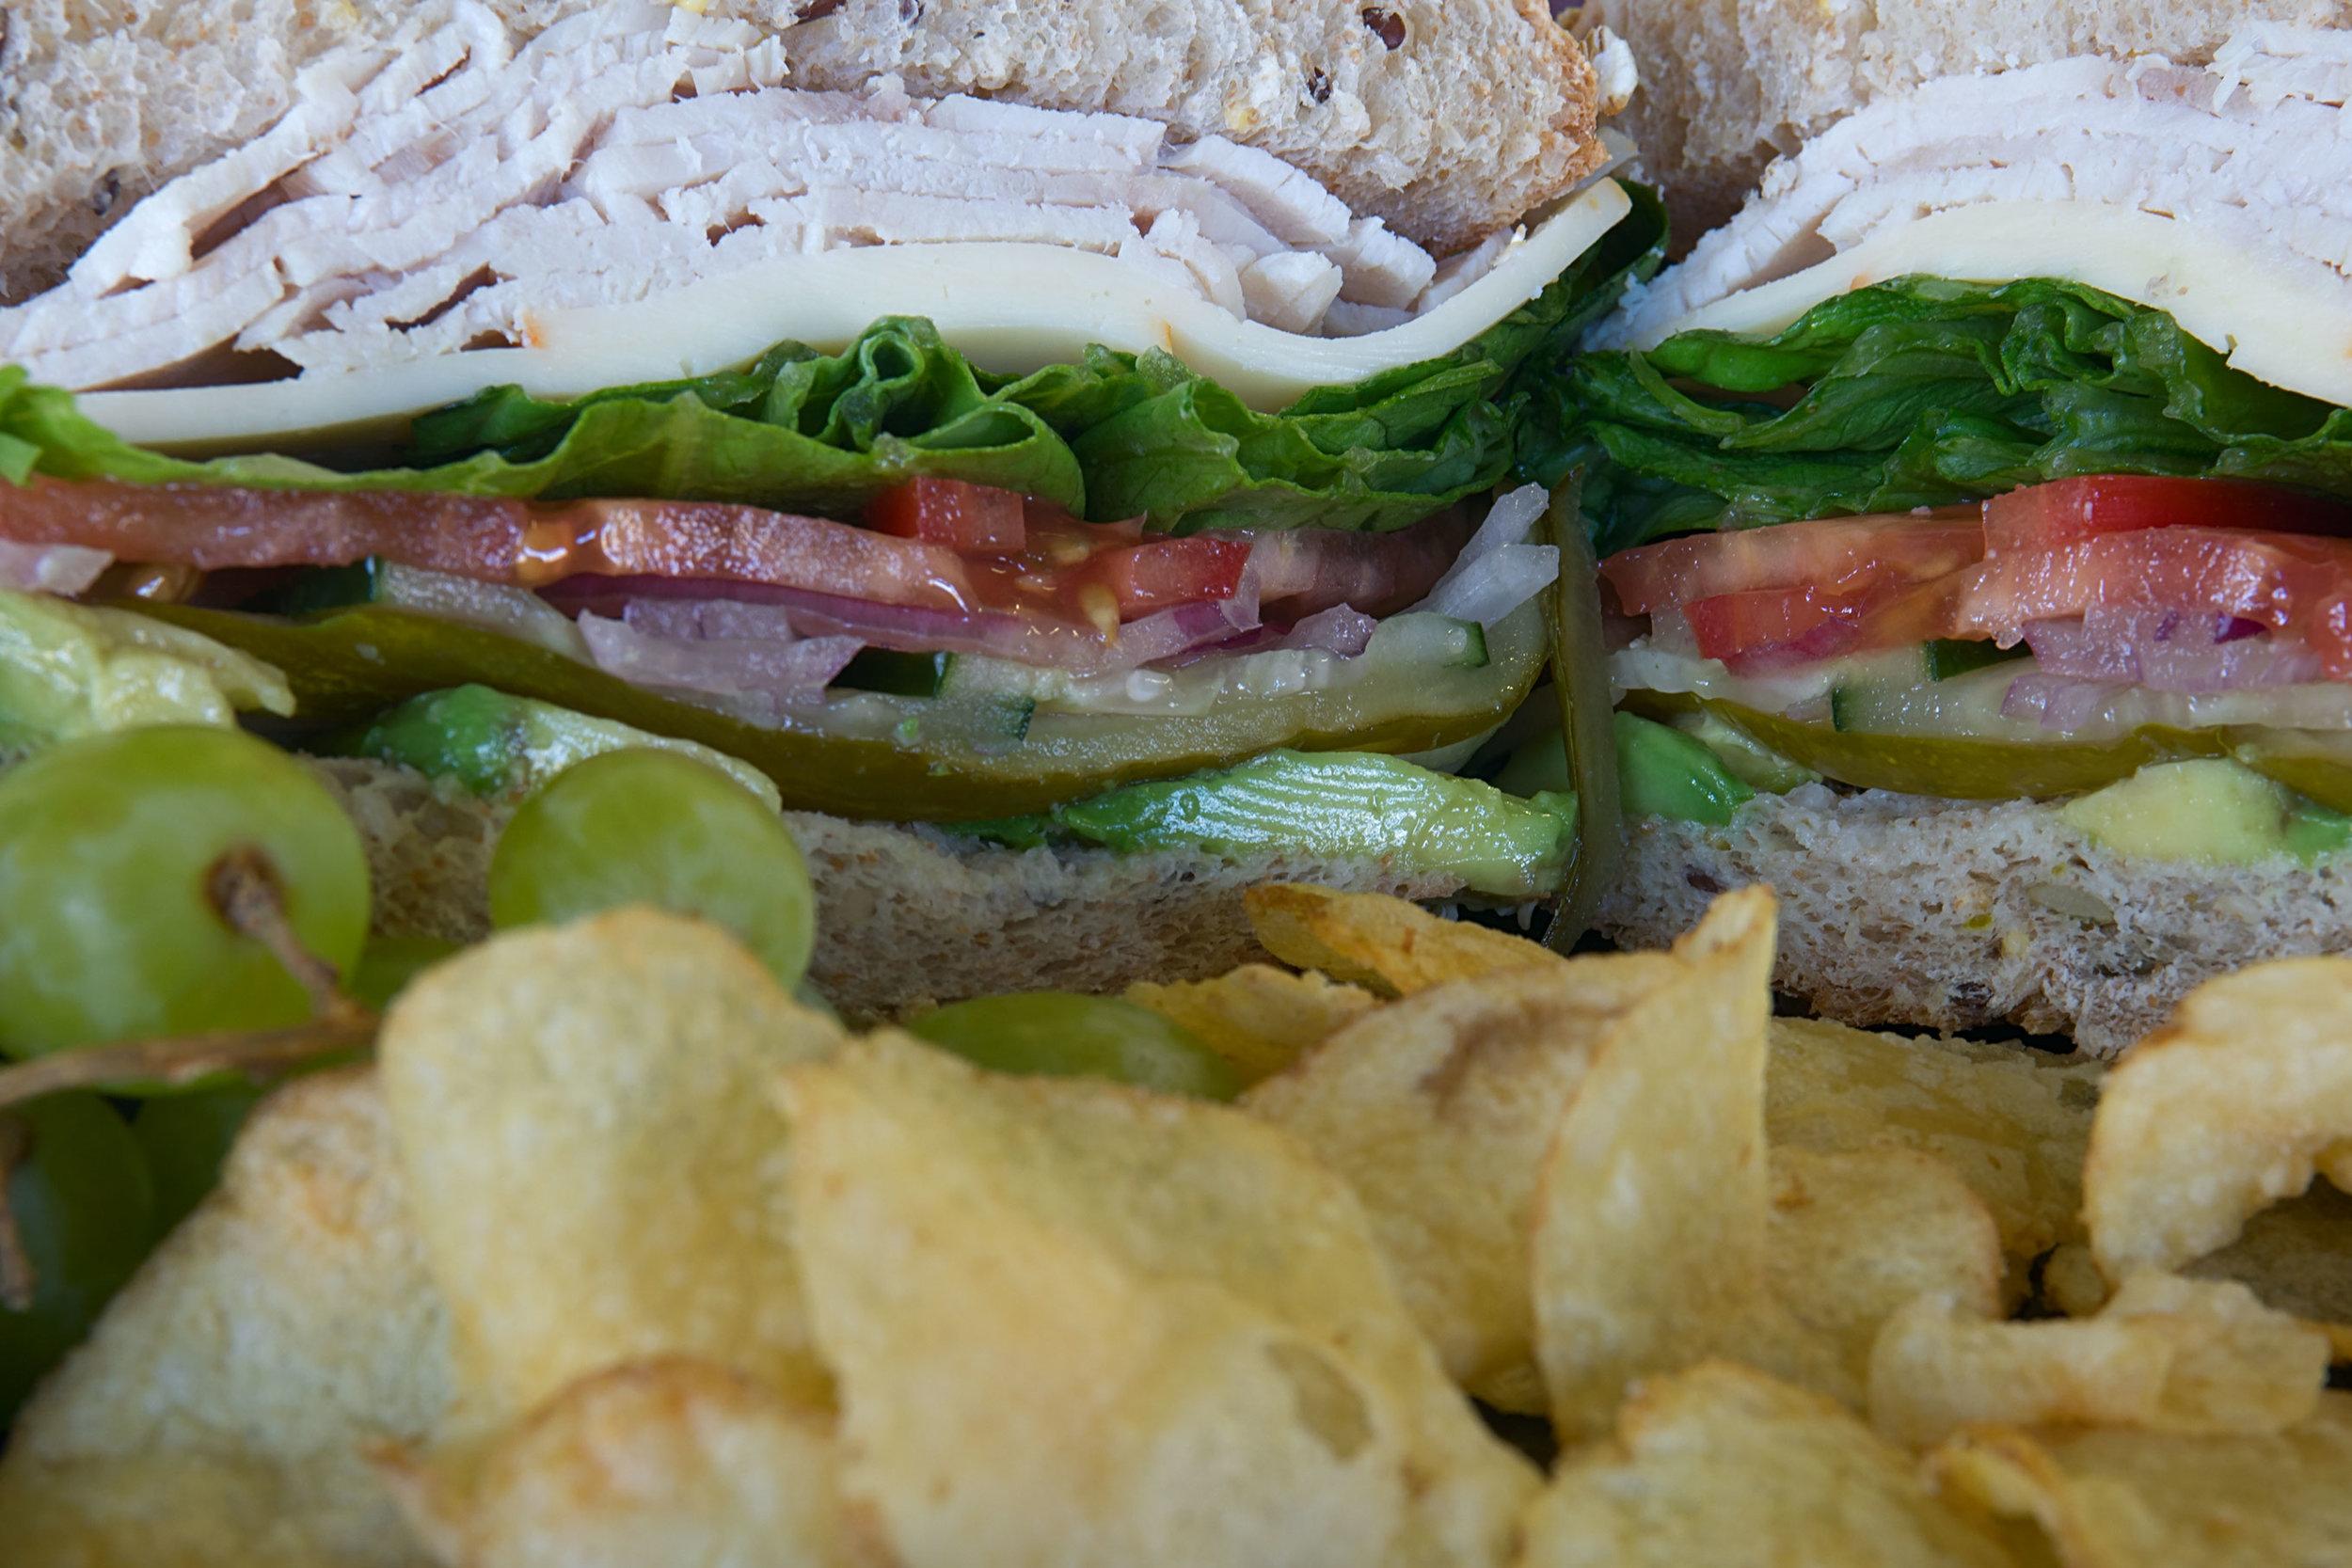 sandwich_Cali close up cut.jpg